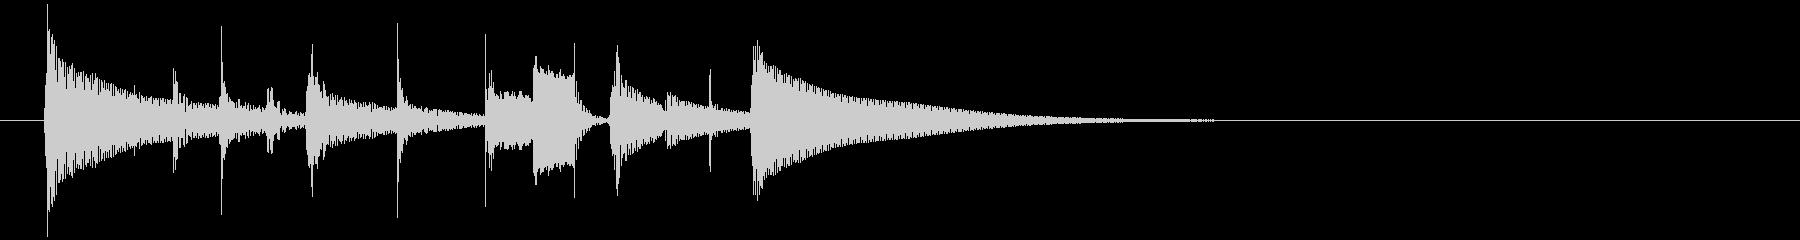 パーカッションだけのジングル3の未再生の波形